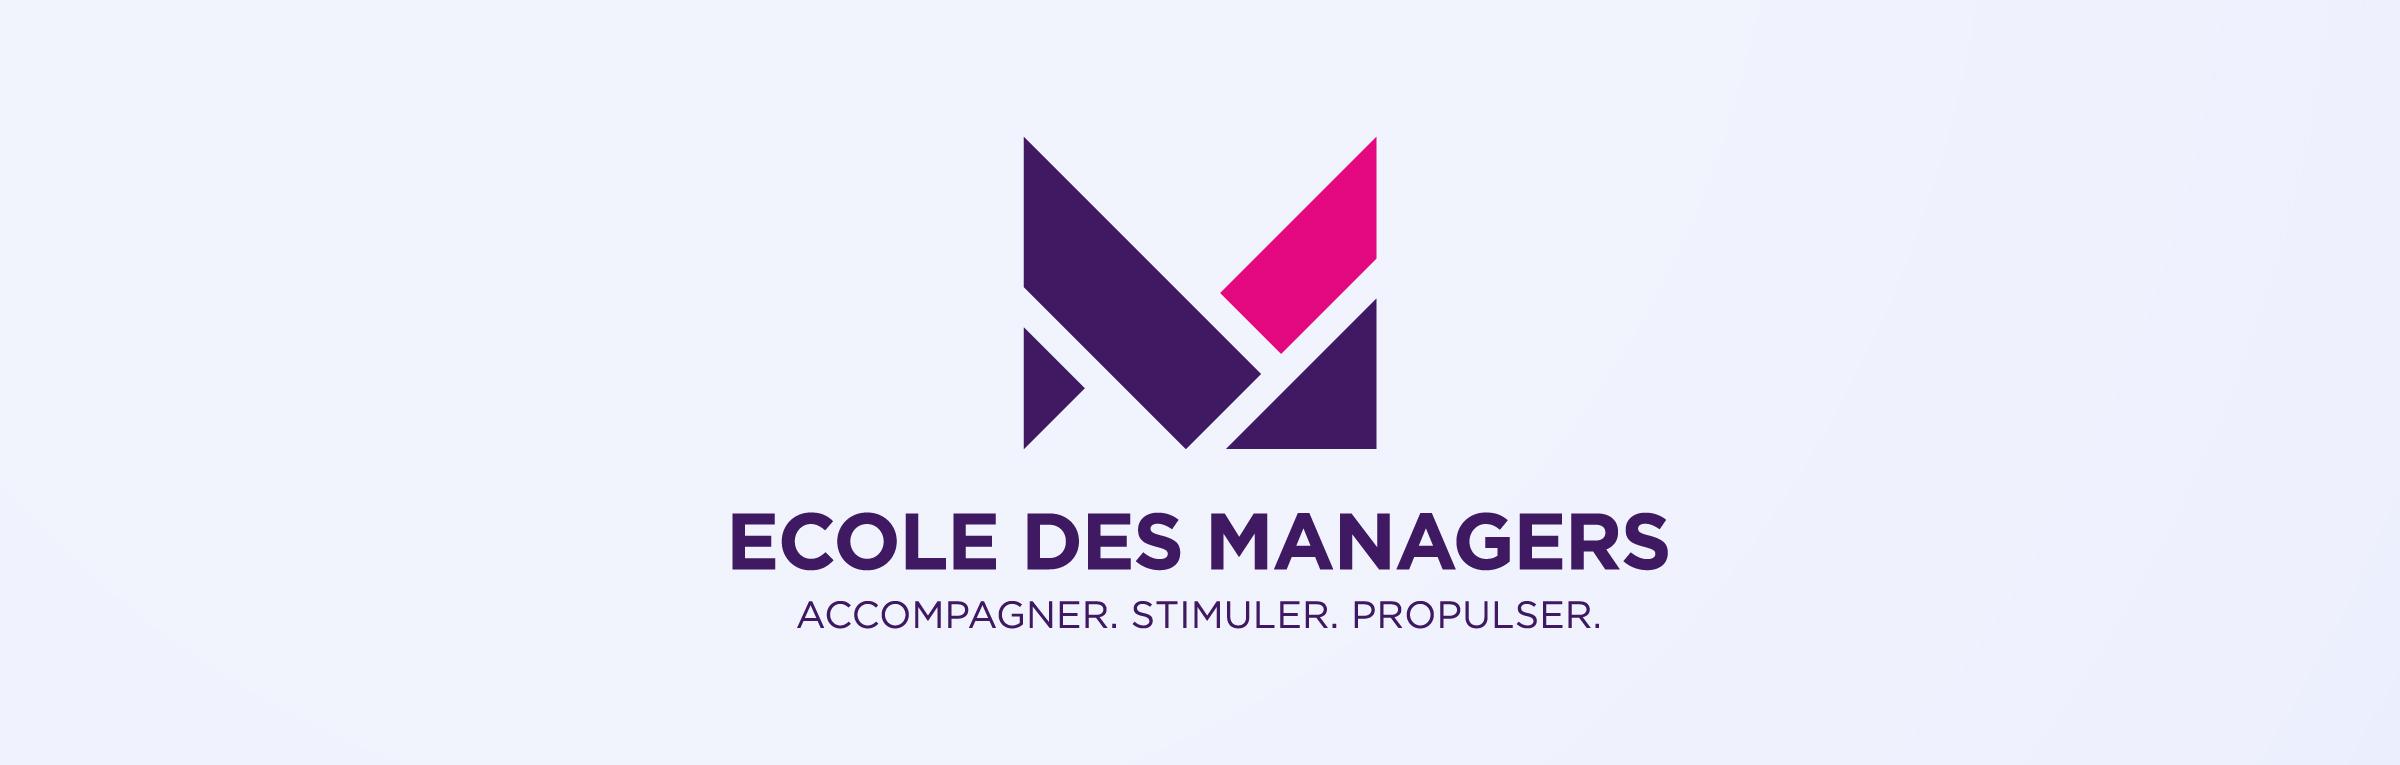 Ecole des managers logo et baseline